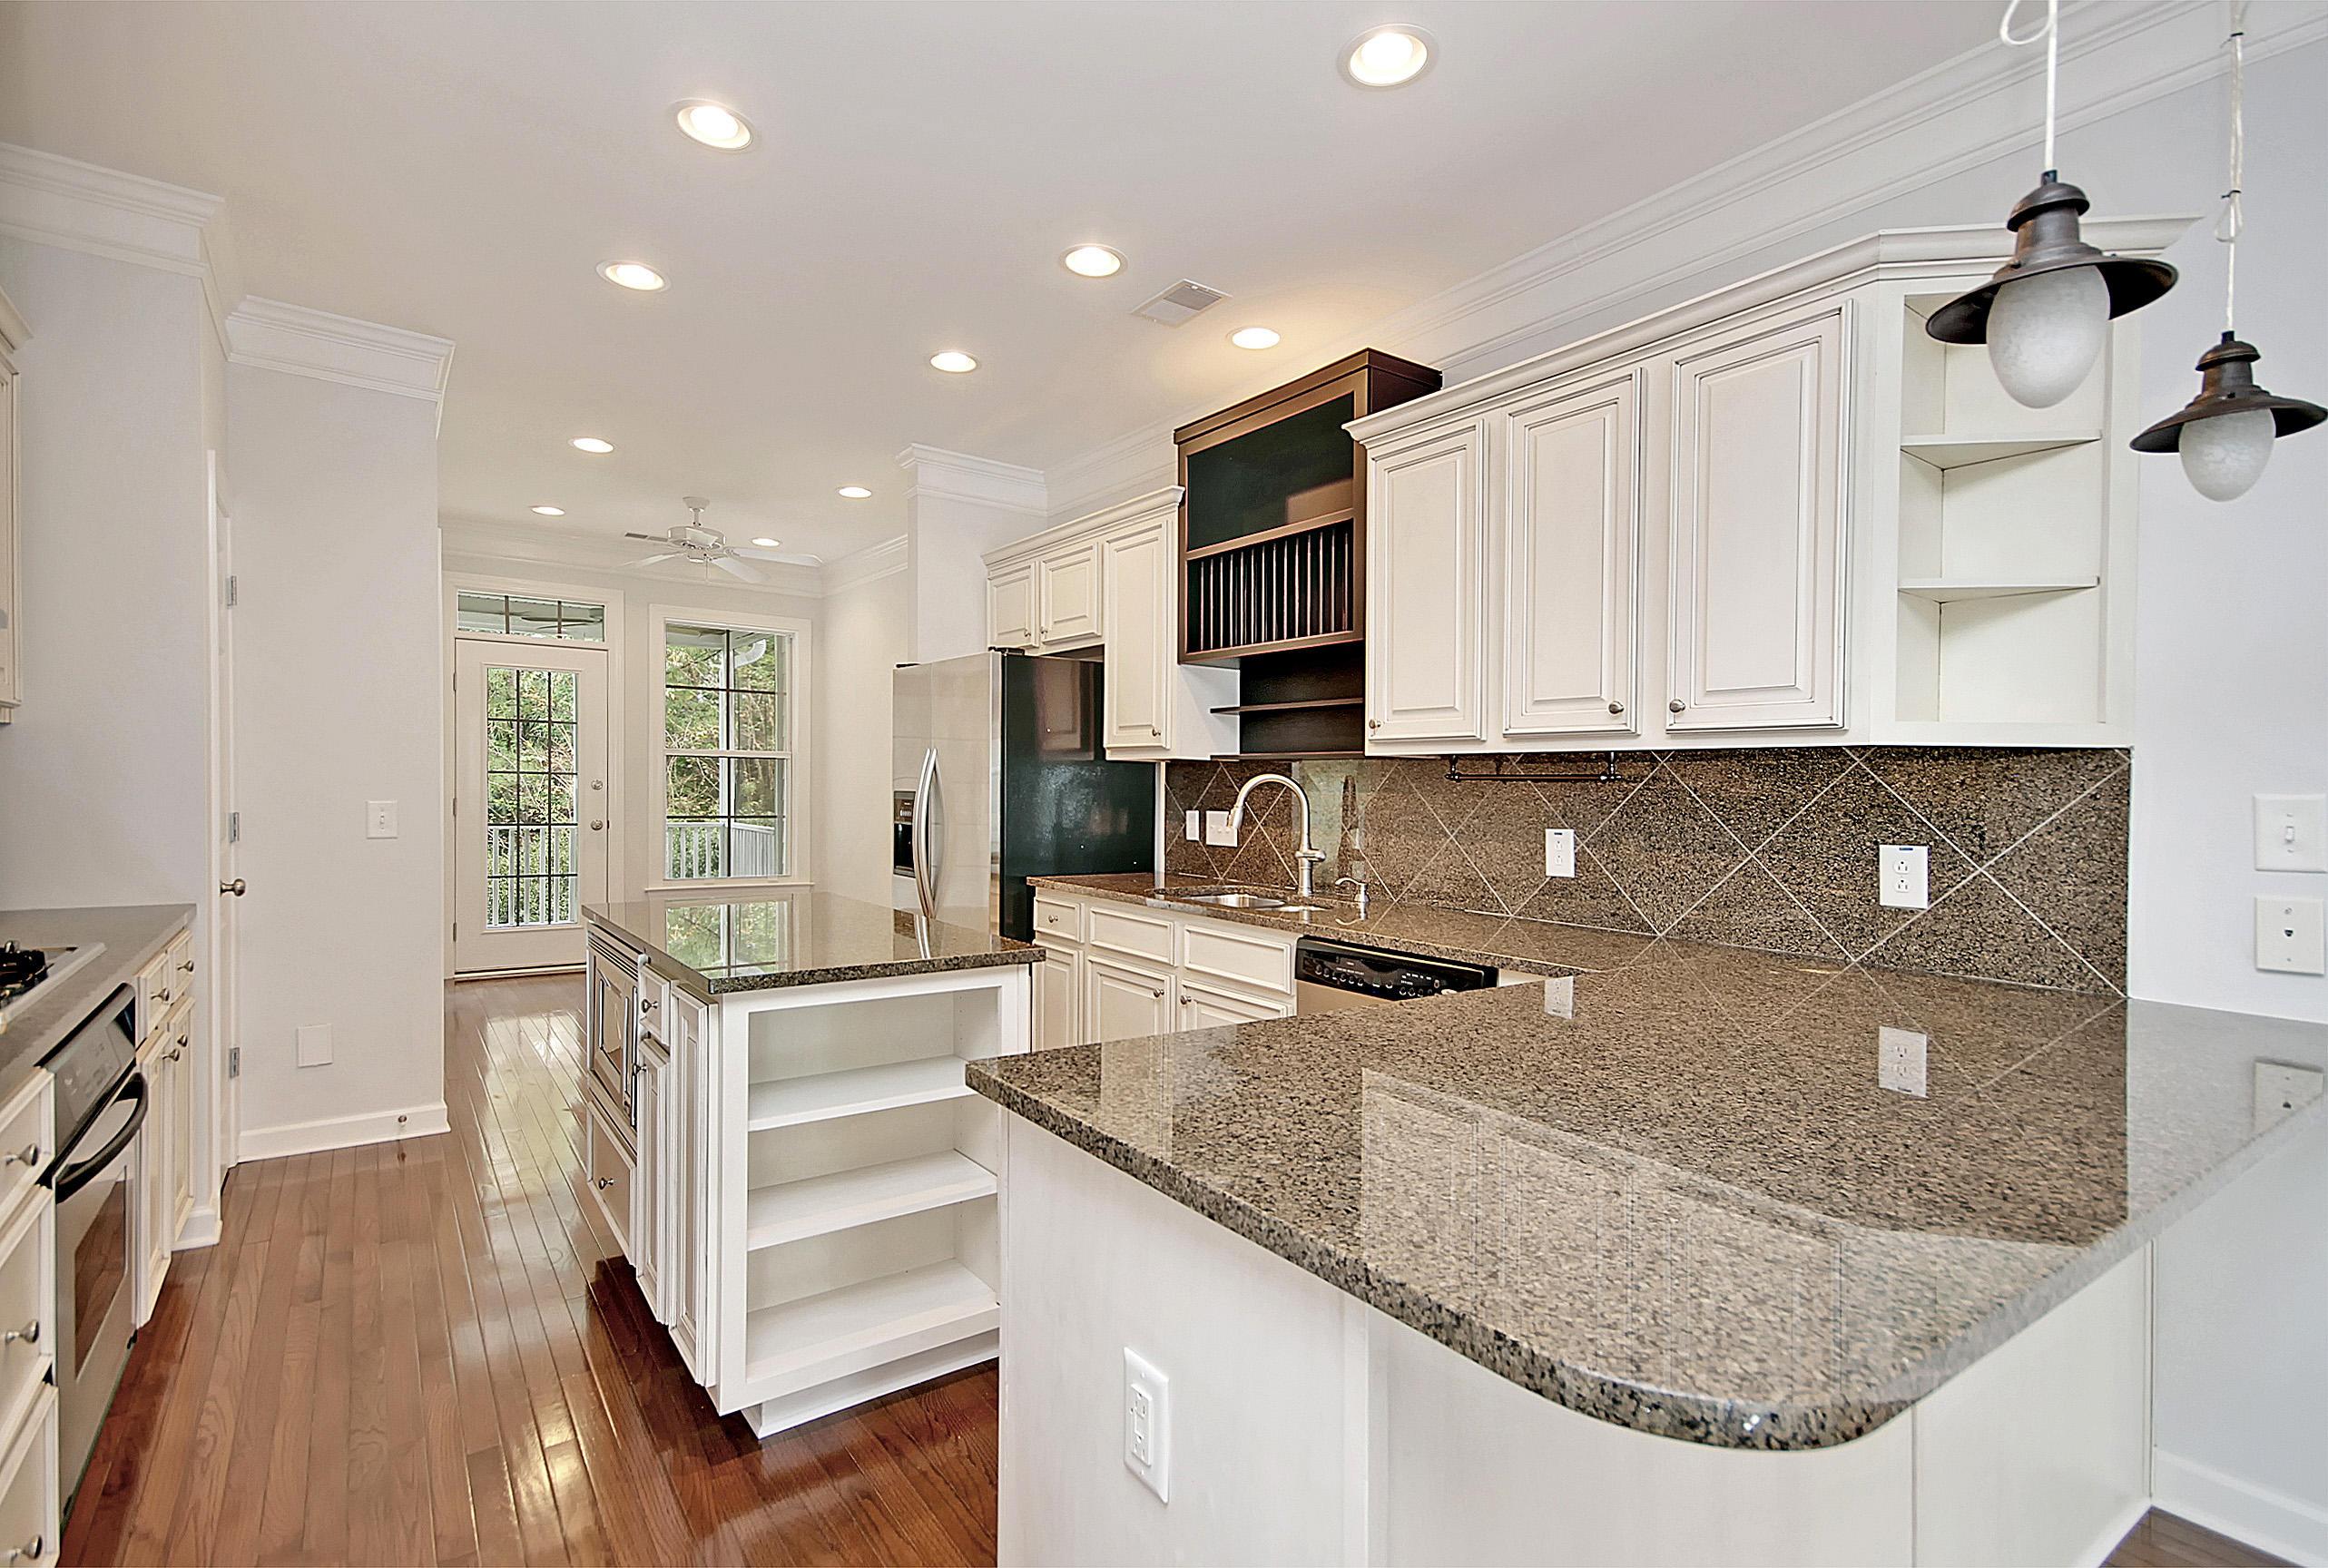 Dunes West Homes For Sale - 148 Palm Cove, Mount Pleasant, SC - 35